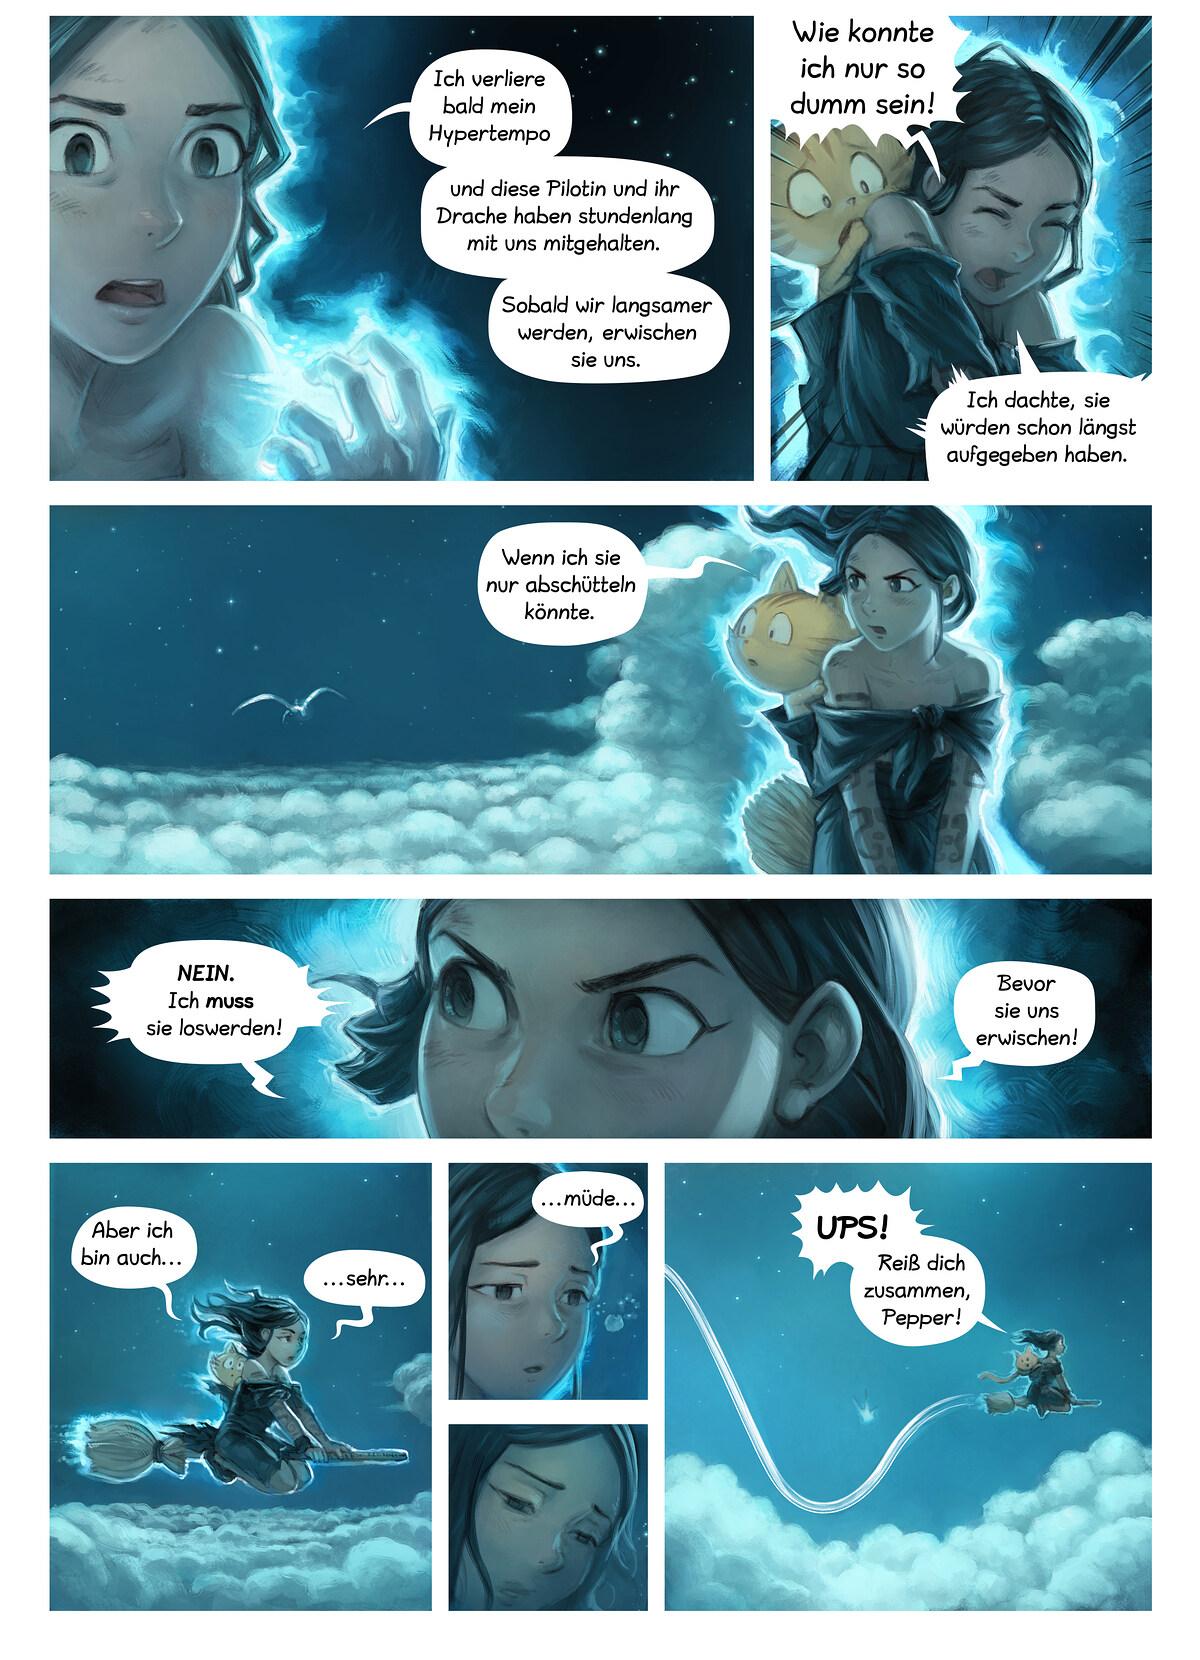 Episode 35: Das Spiegelbild, Page 2